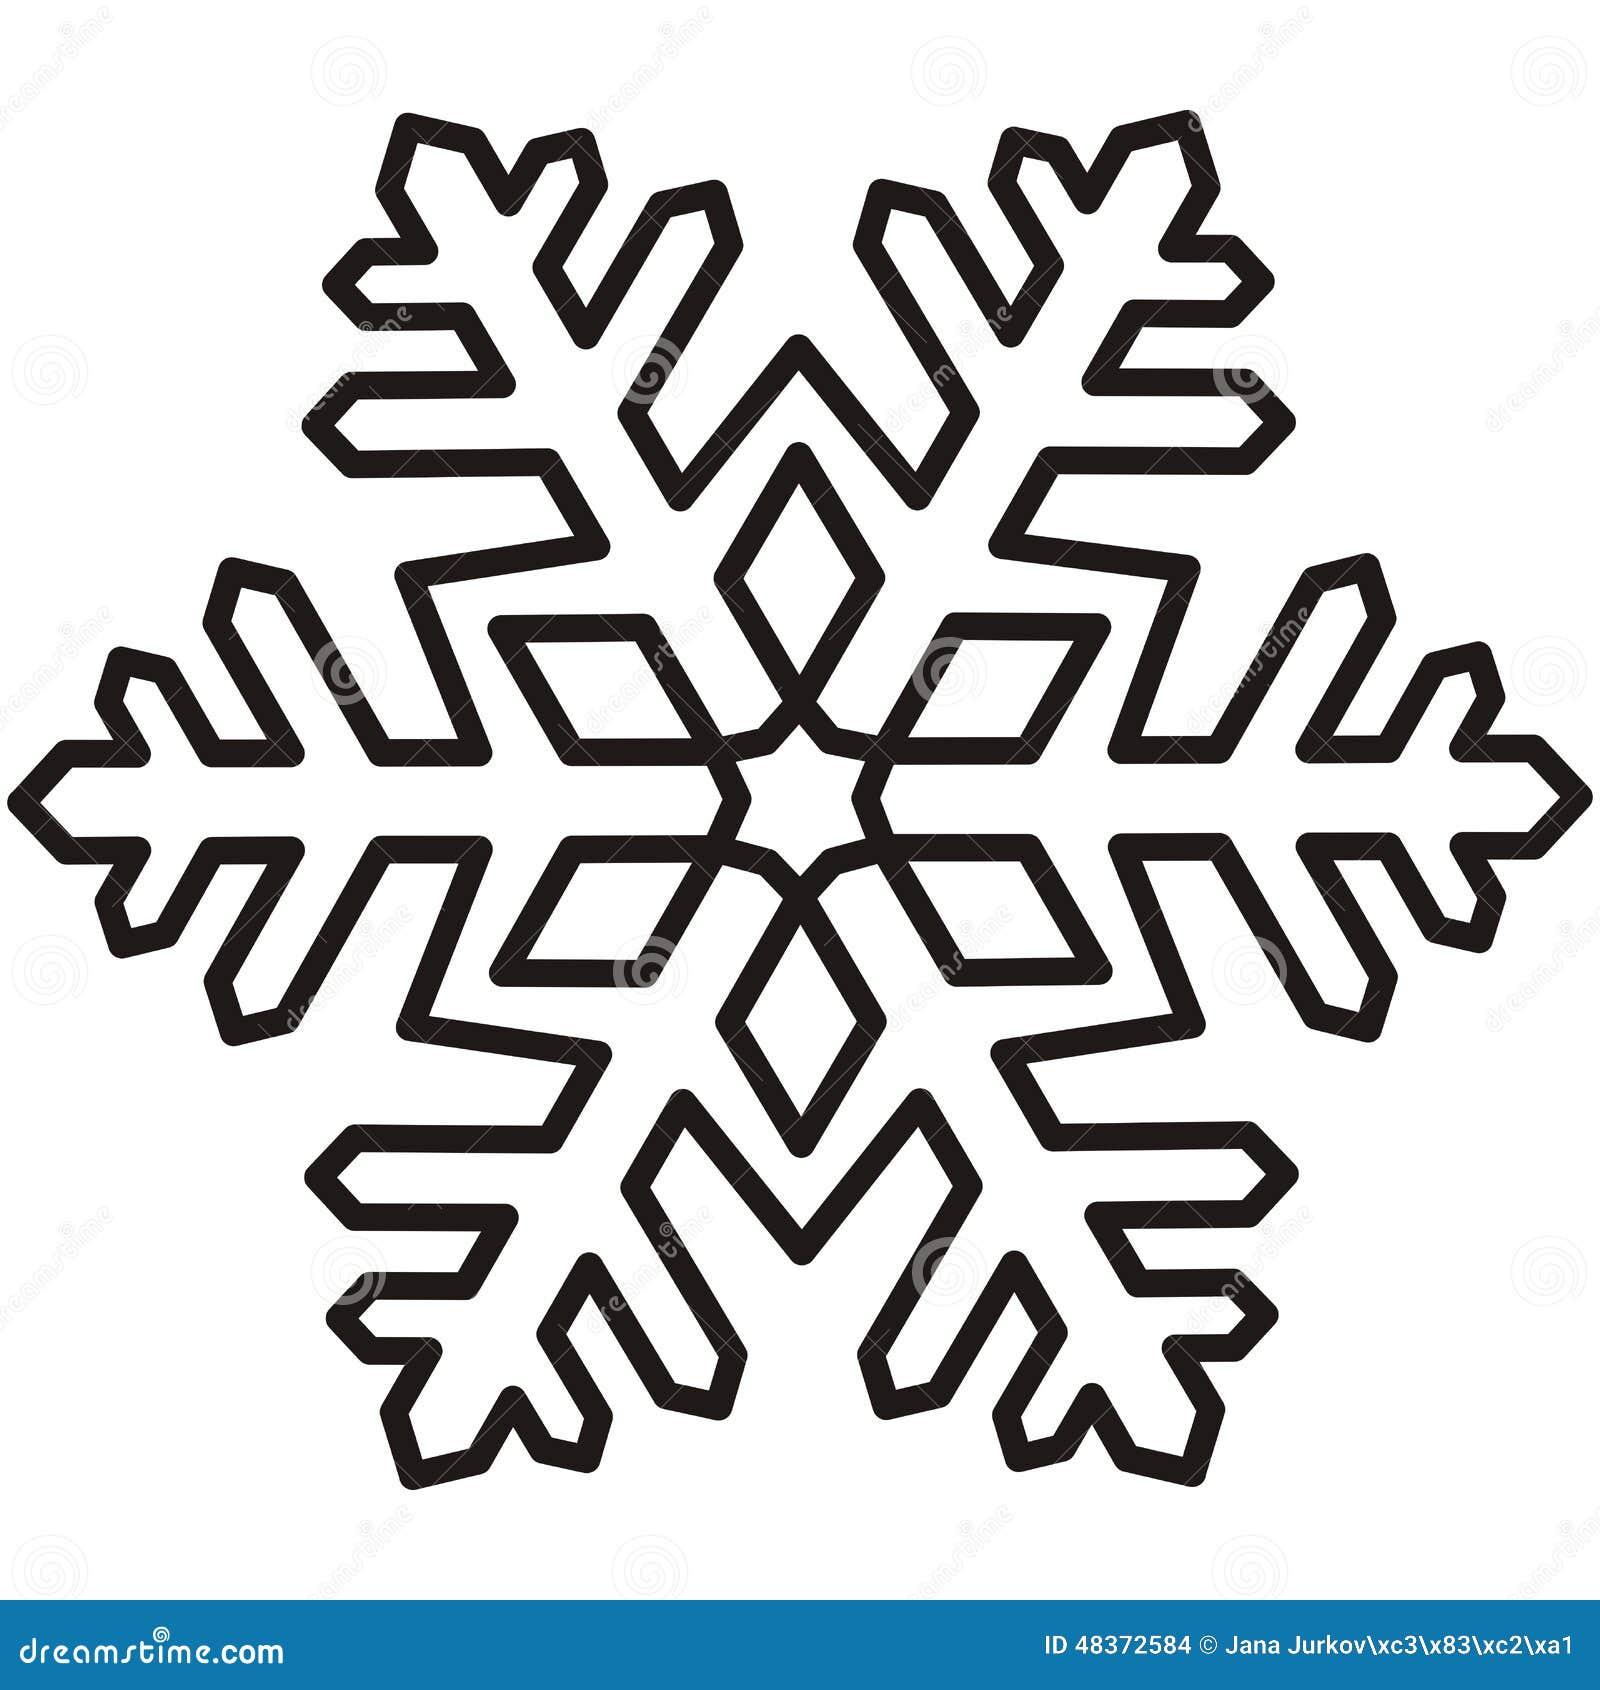 Flocon de neige d coupe illustration de vecteur image 48372584 - Gabarit flocon de neige a decouper ...